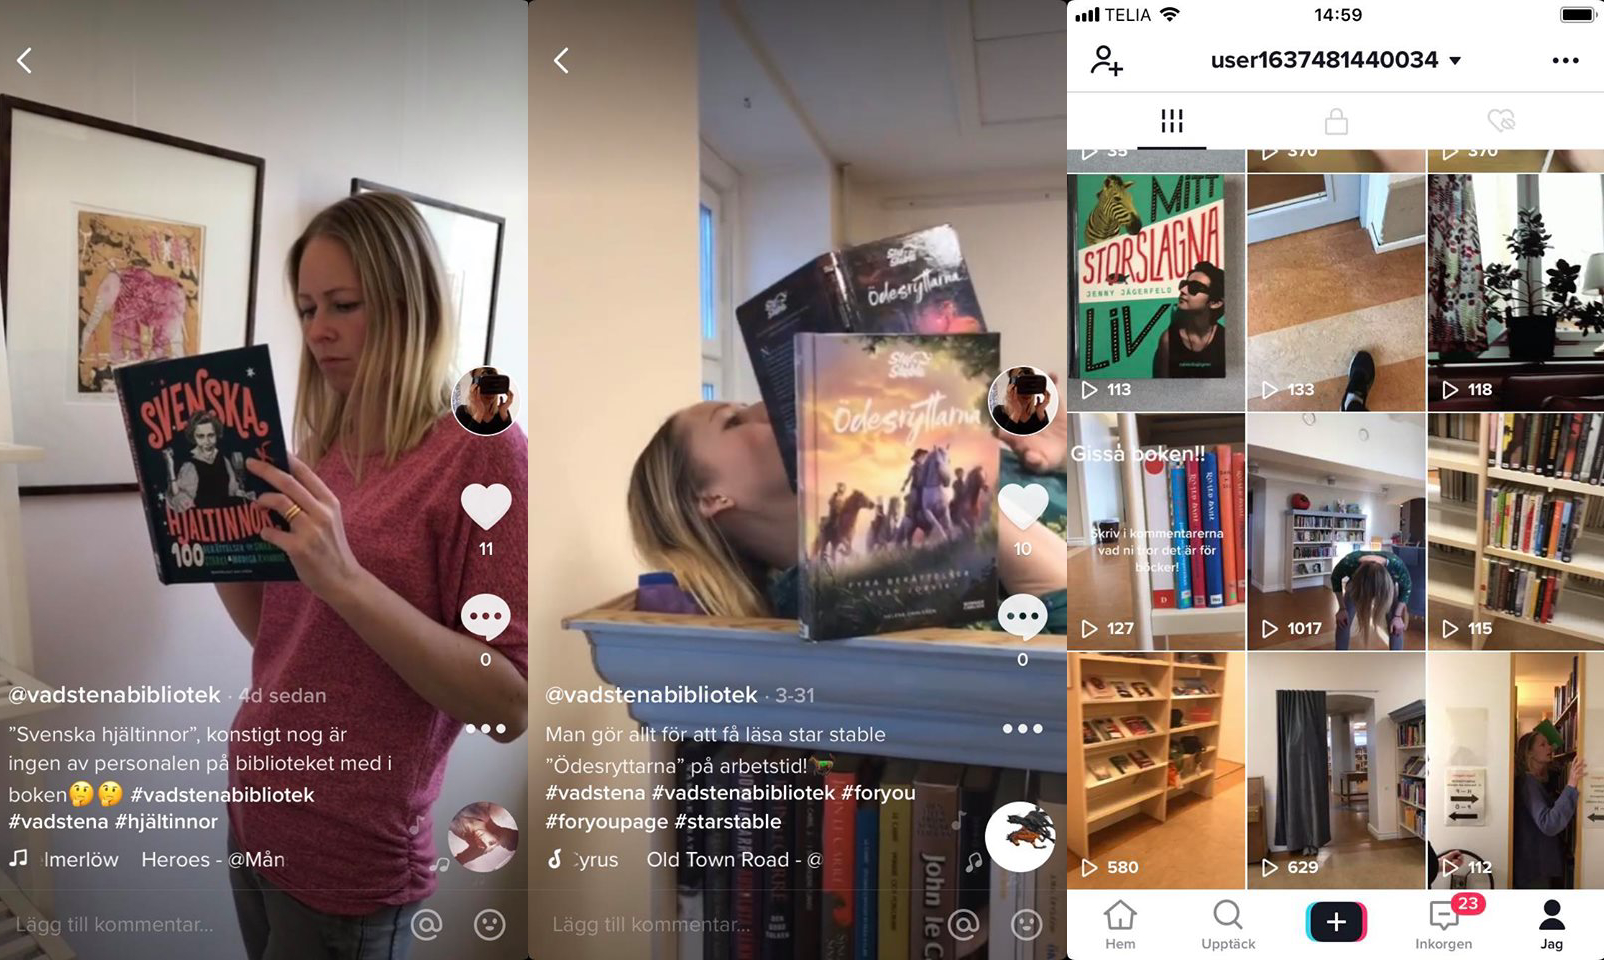 Tre skärmdumpar från Vadstena biblioteks Tik Tok.